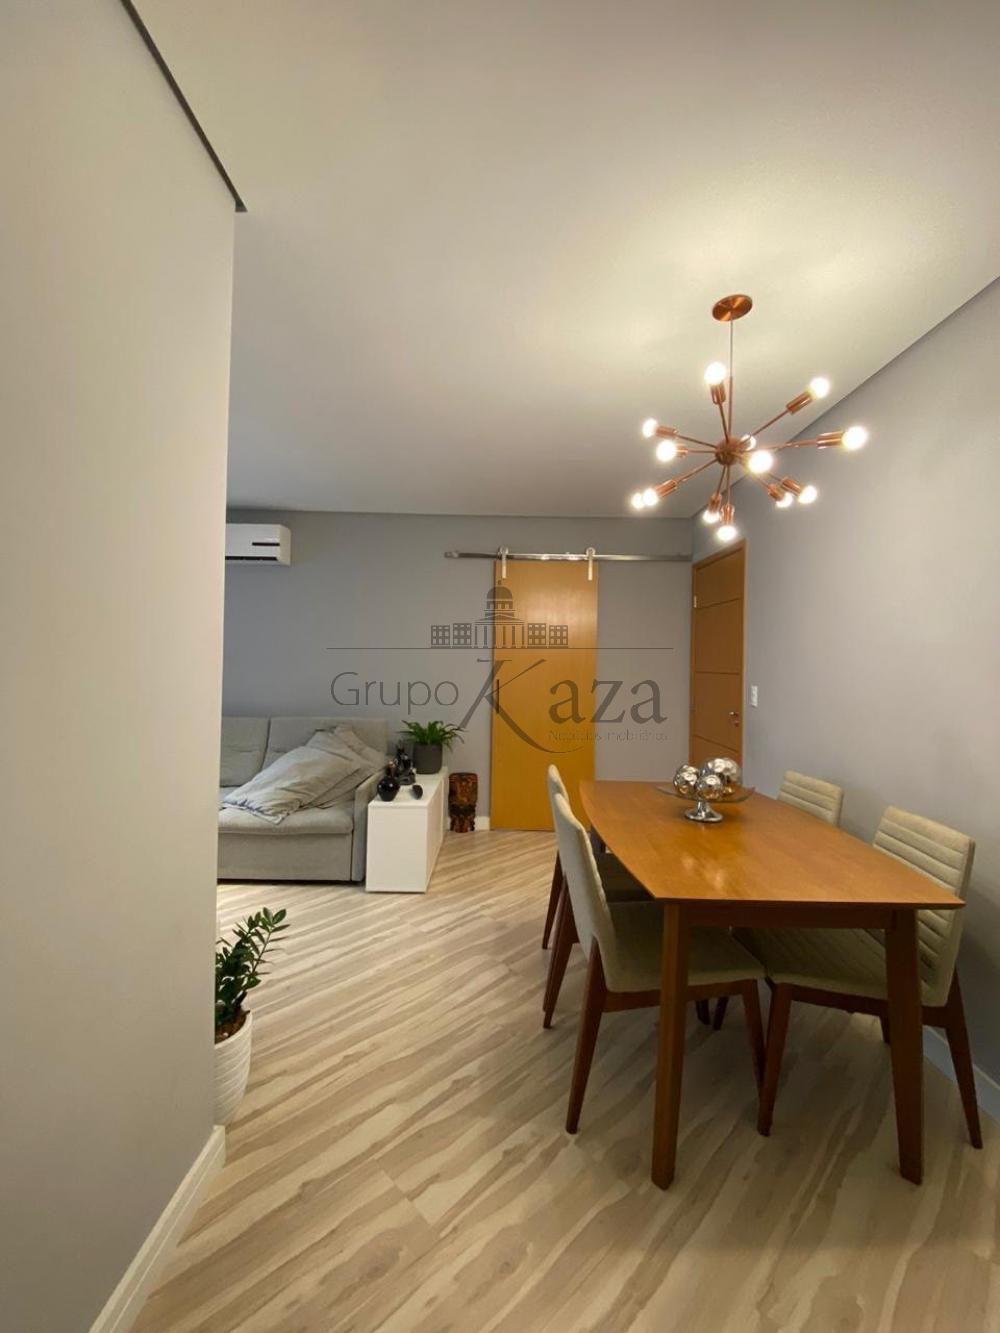 Comprar Apartamento / Padrão em São José dos Campos R$ 690.000,00 - Foto 3